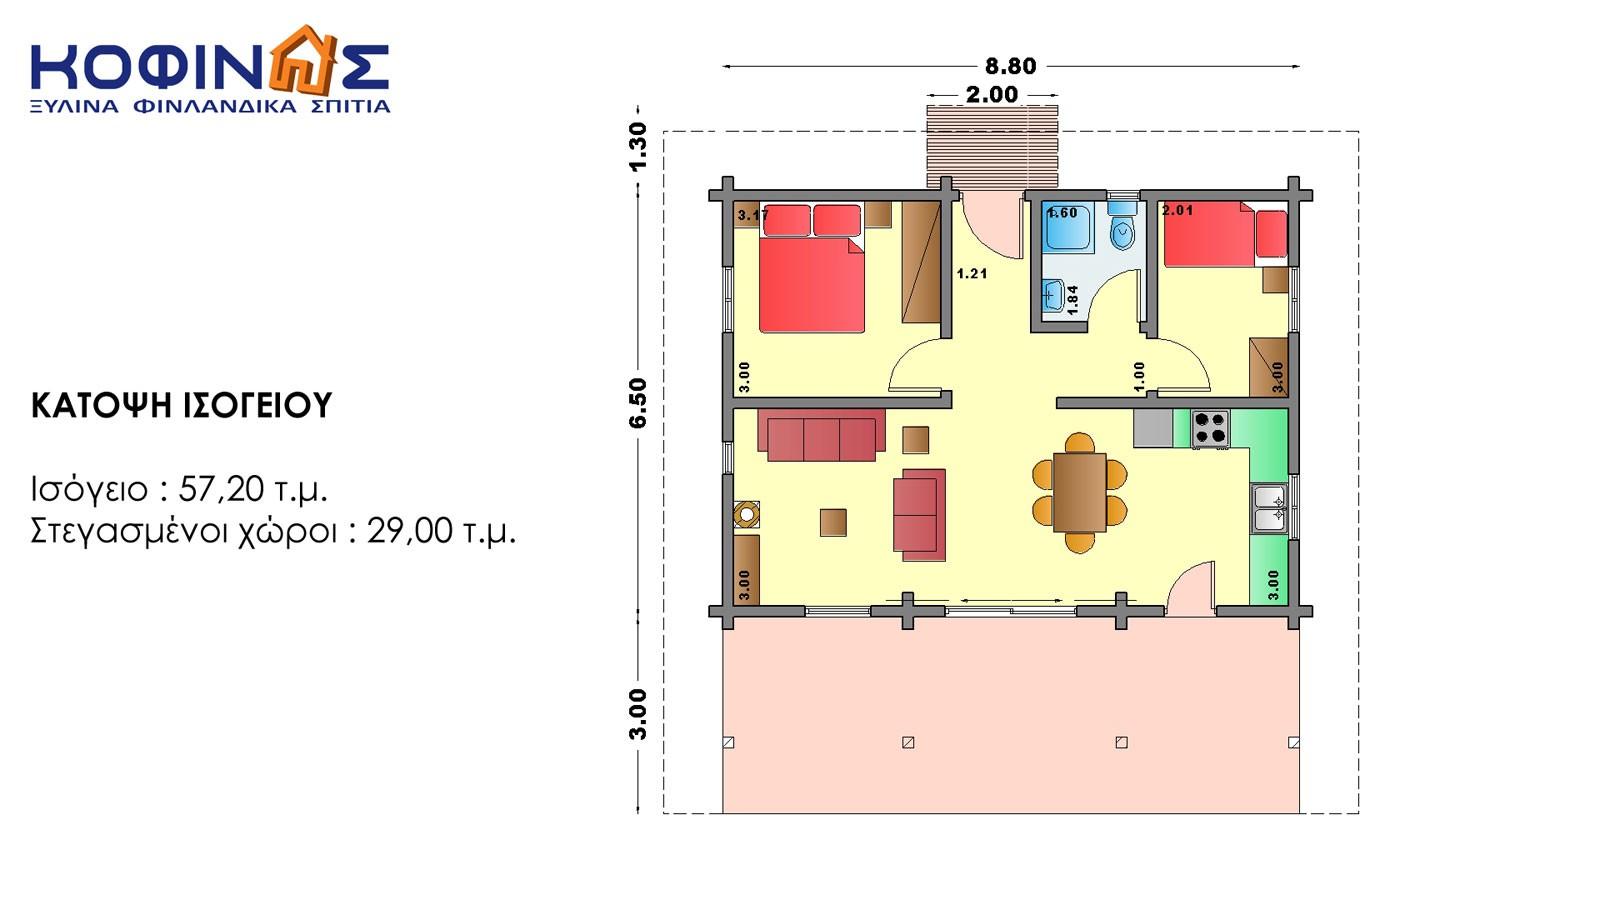 Ισόγεια Ξύλινη Κατοικία XI-57, συνολικής επιφάνειας 57,20 τ.μ.